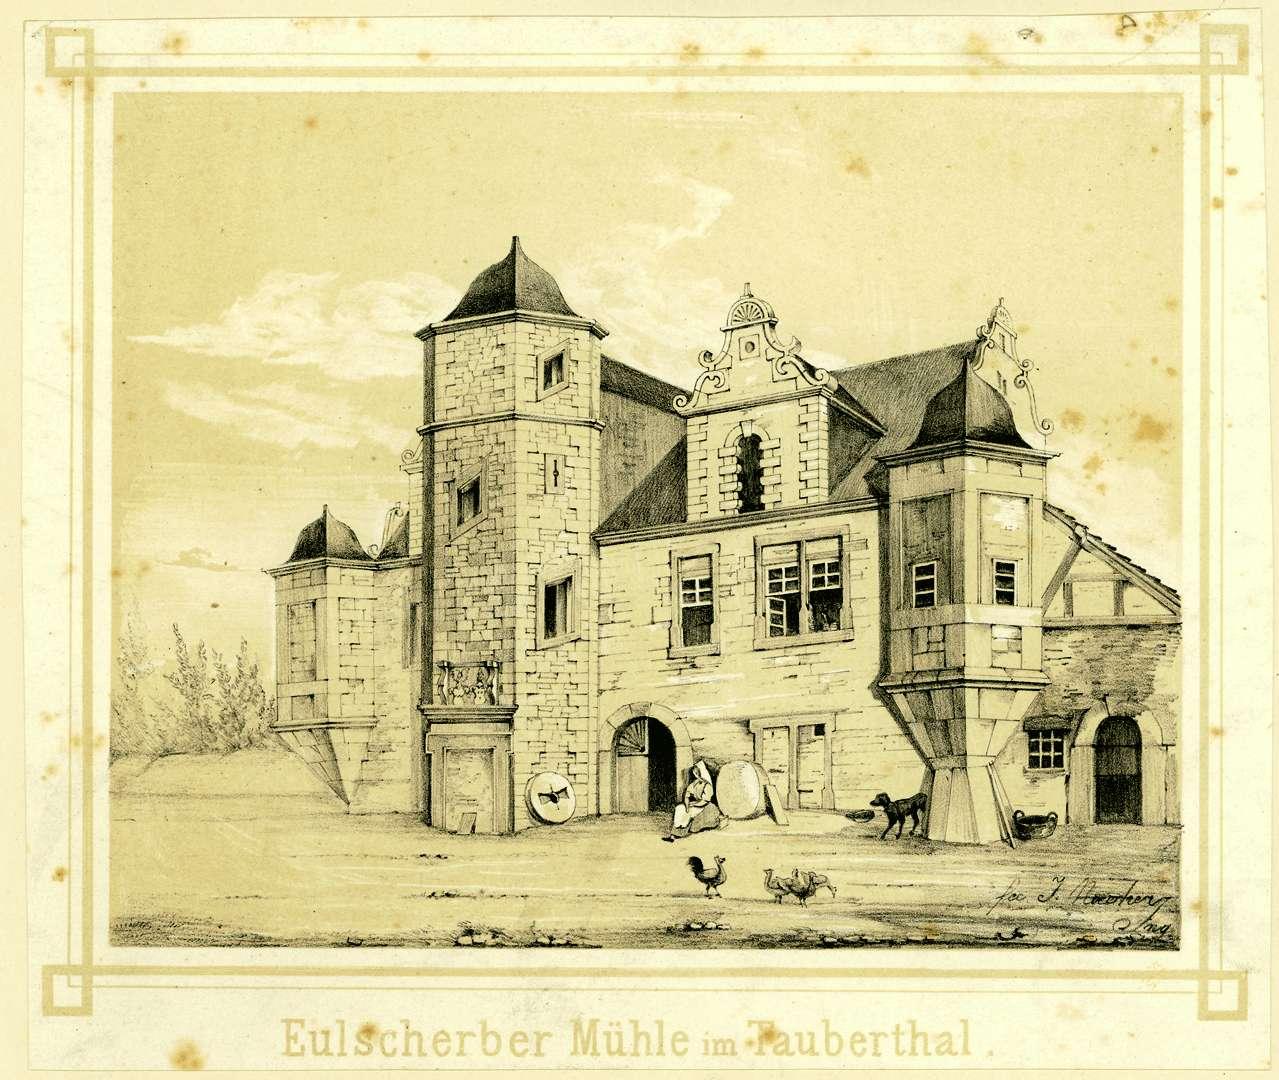 Eulscherbermühle im Taubertal, Bild 1